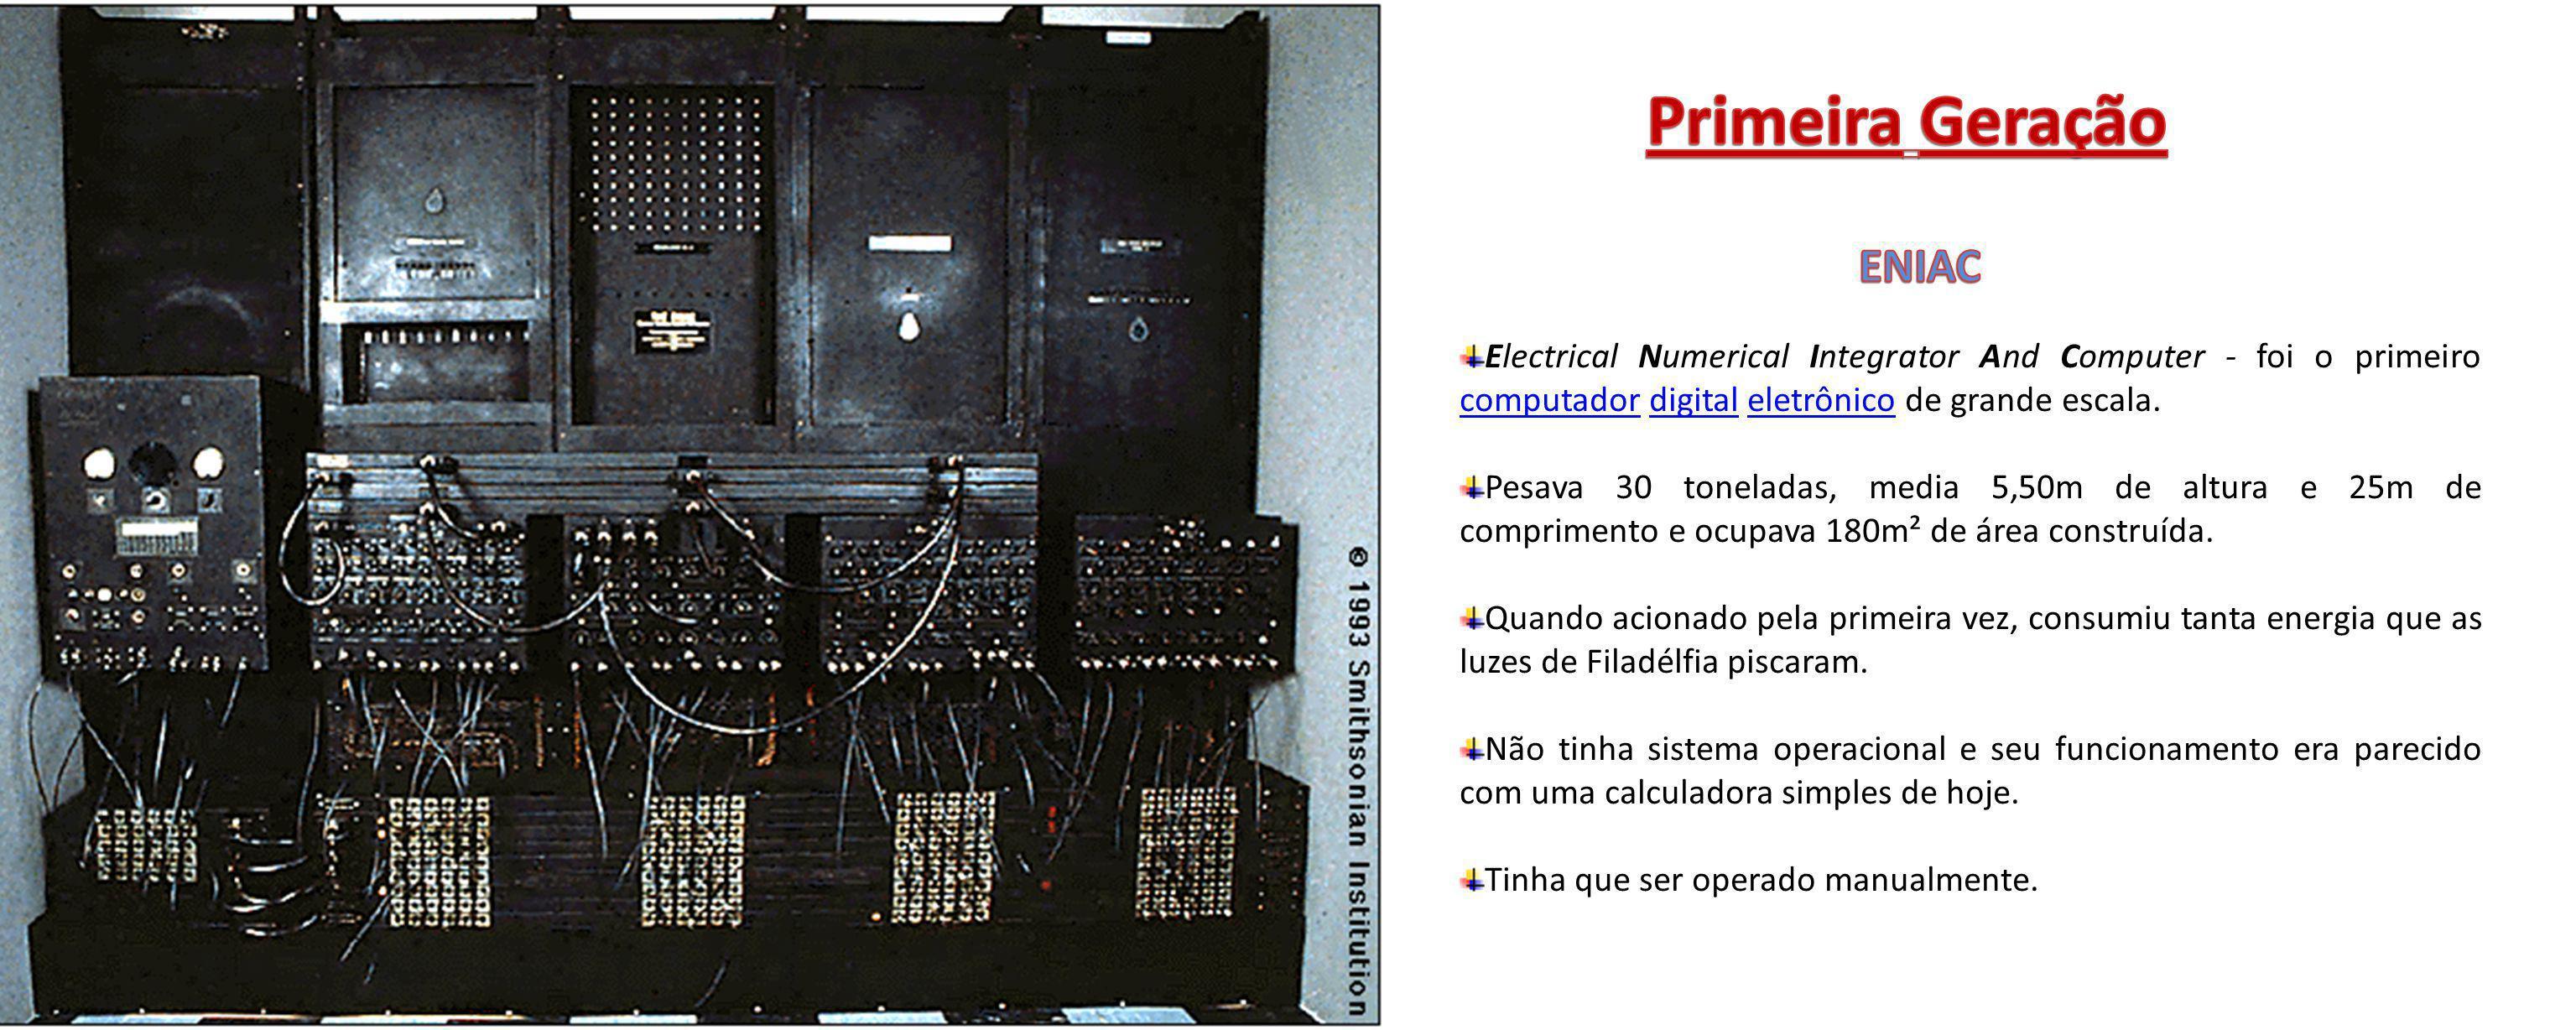 Primeira Geração ENIAC